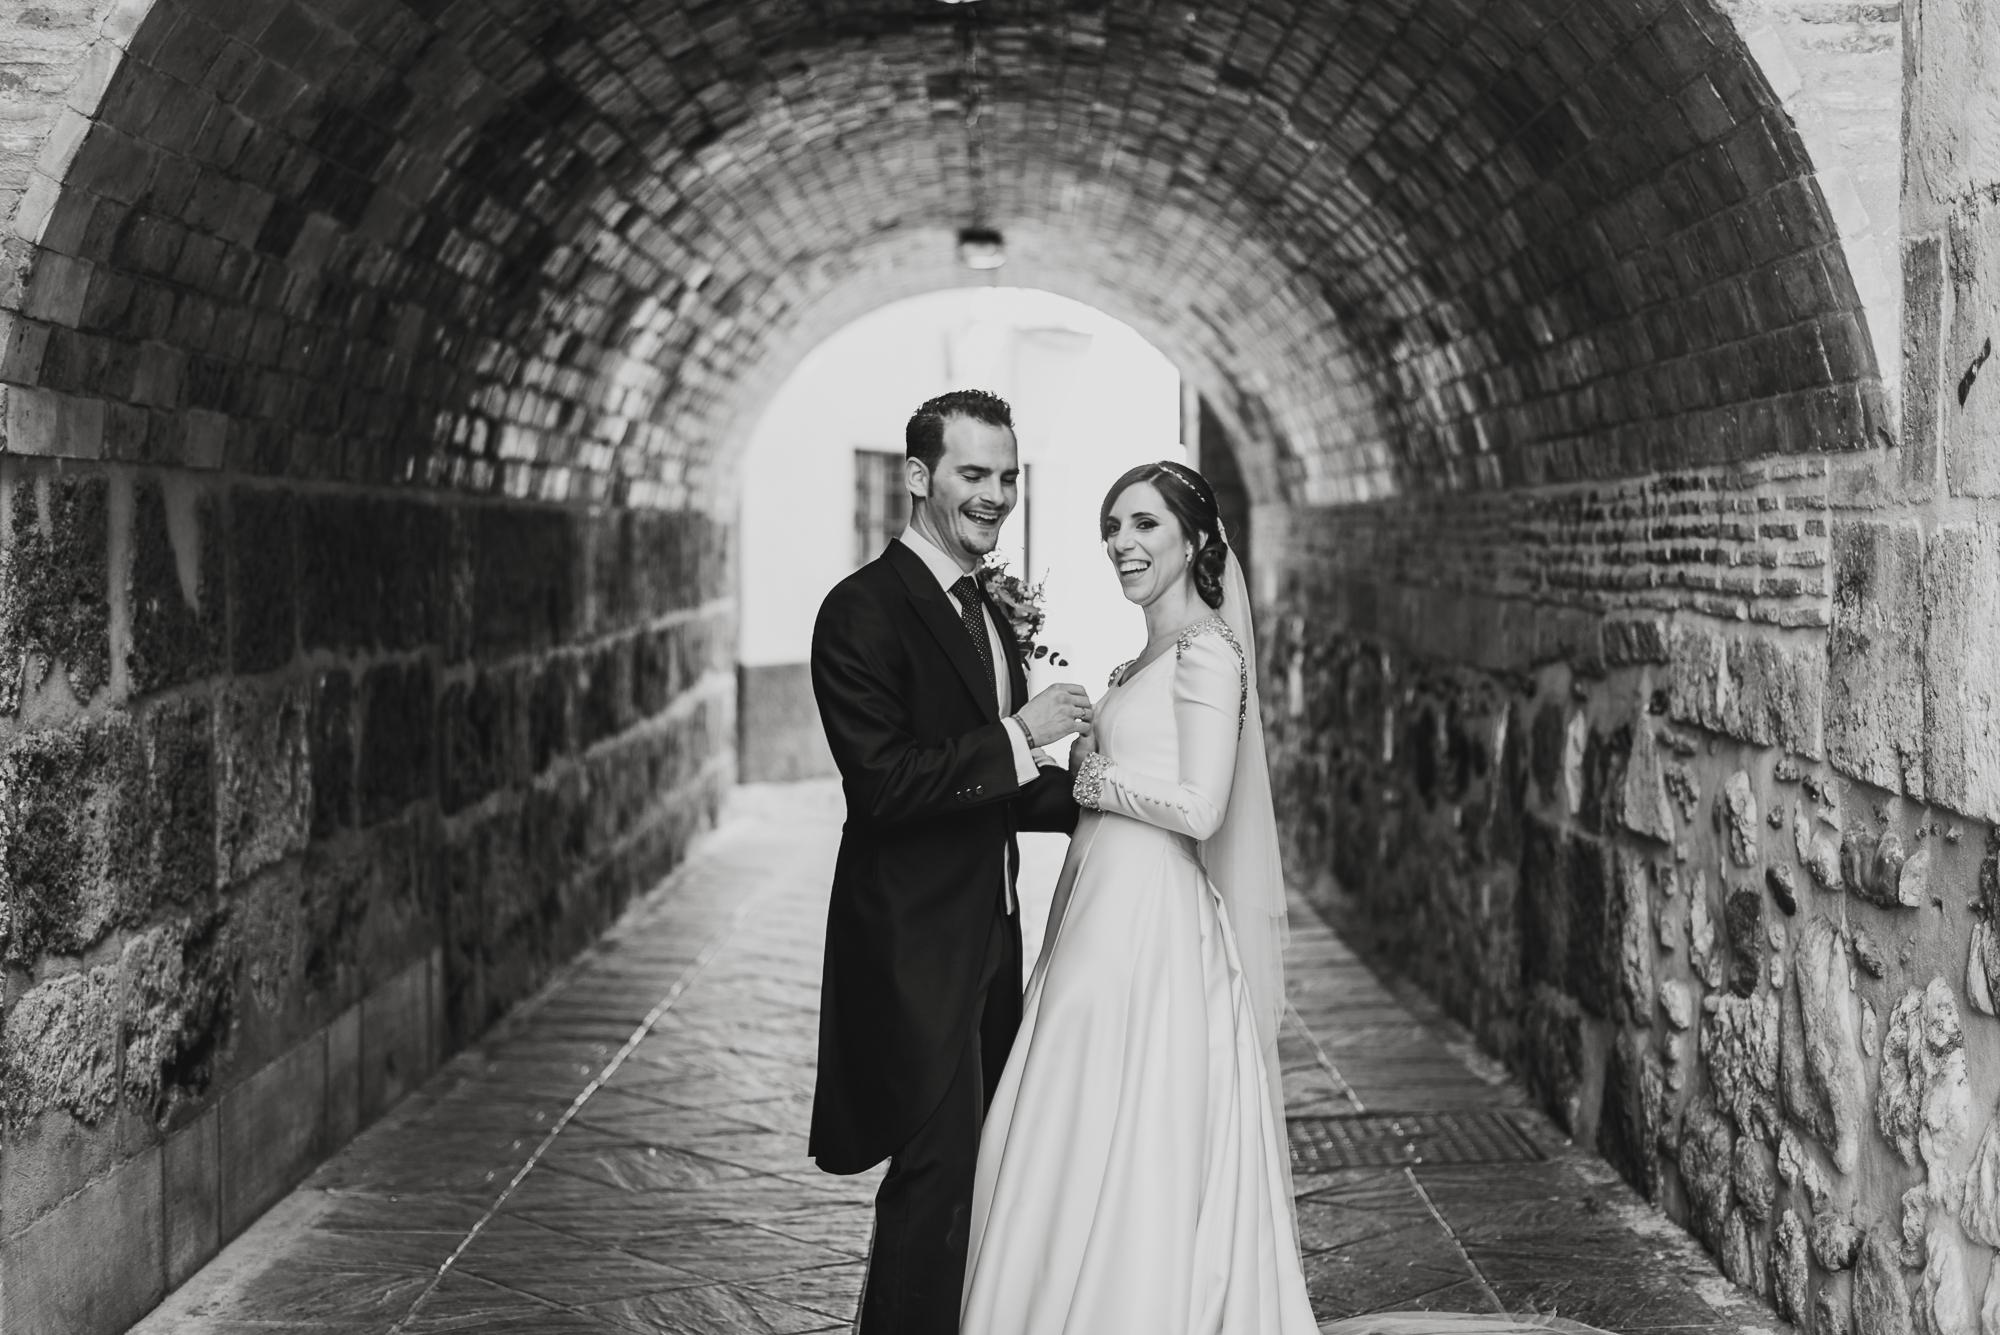 garate-fotografia-de-boda-en-Granada (52)